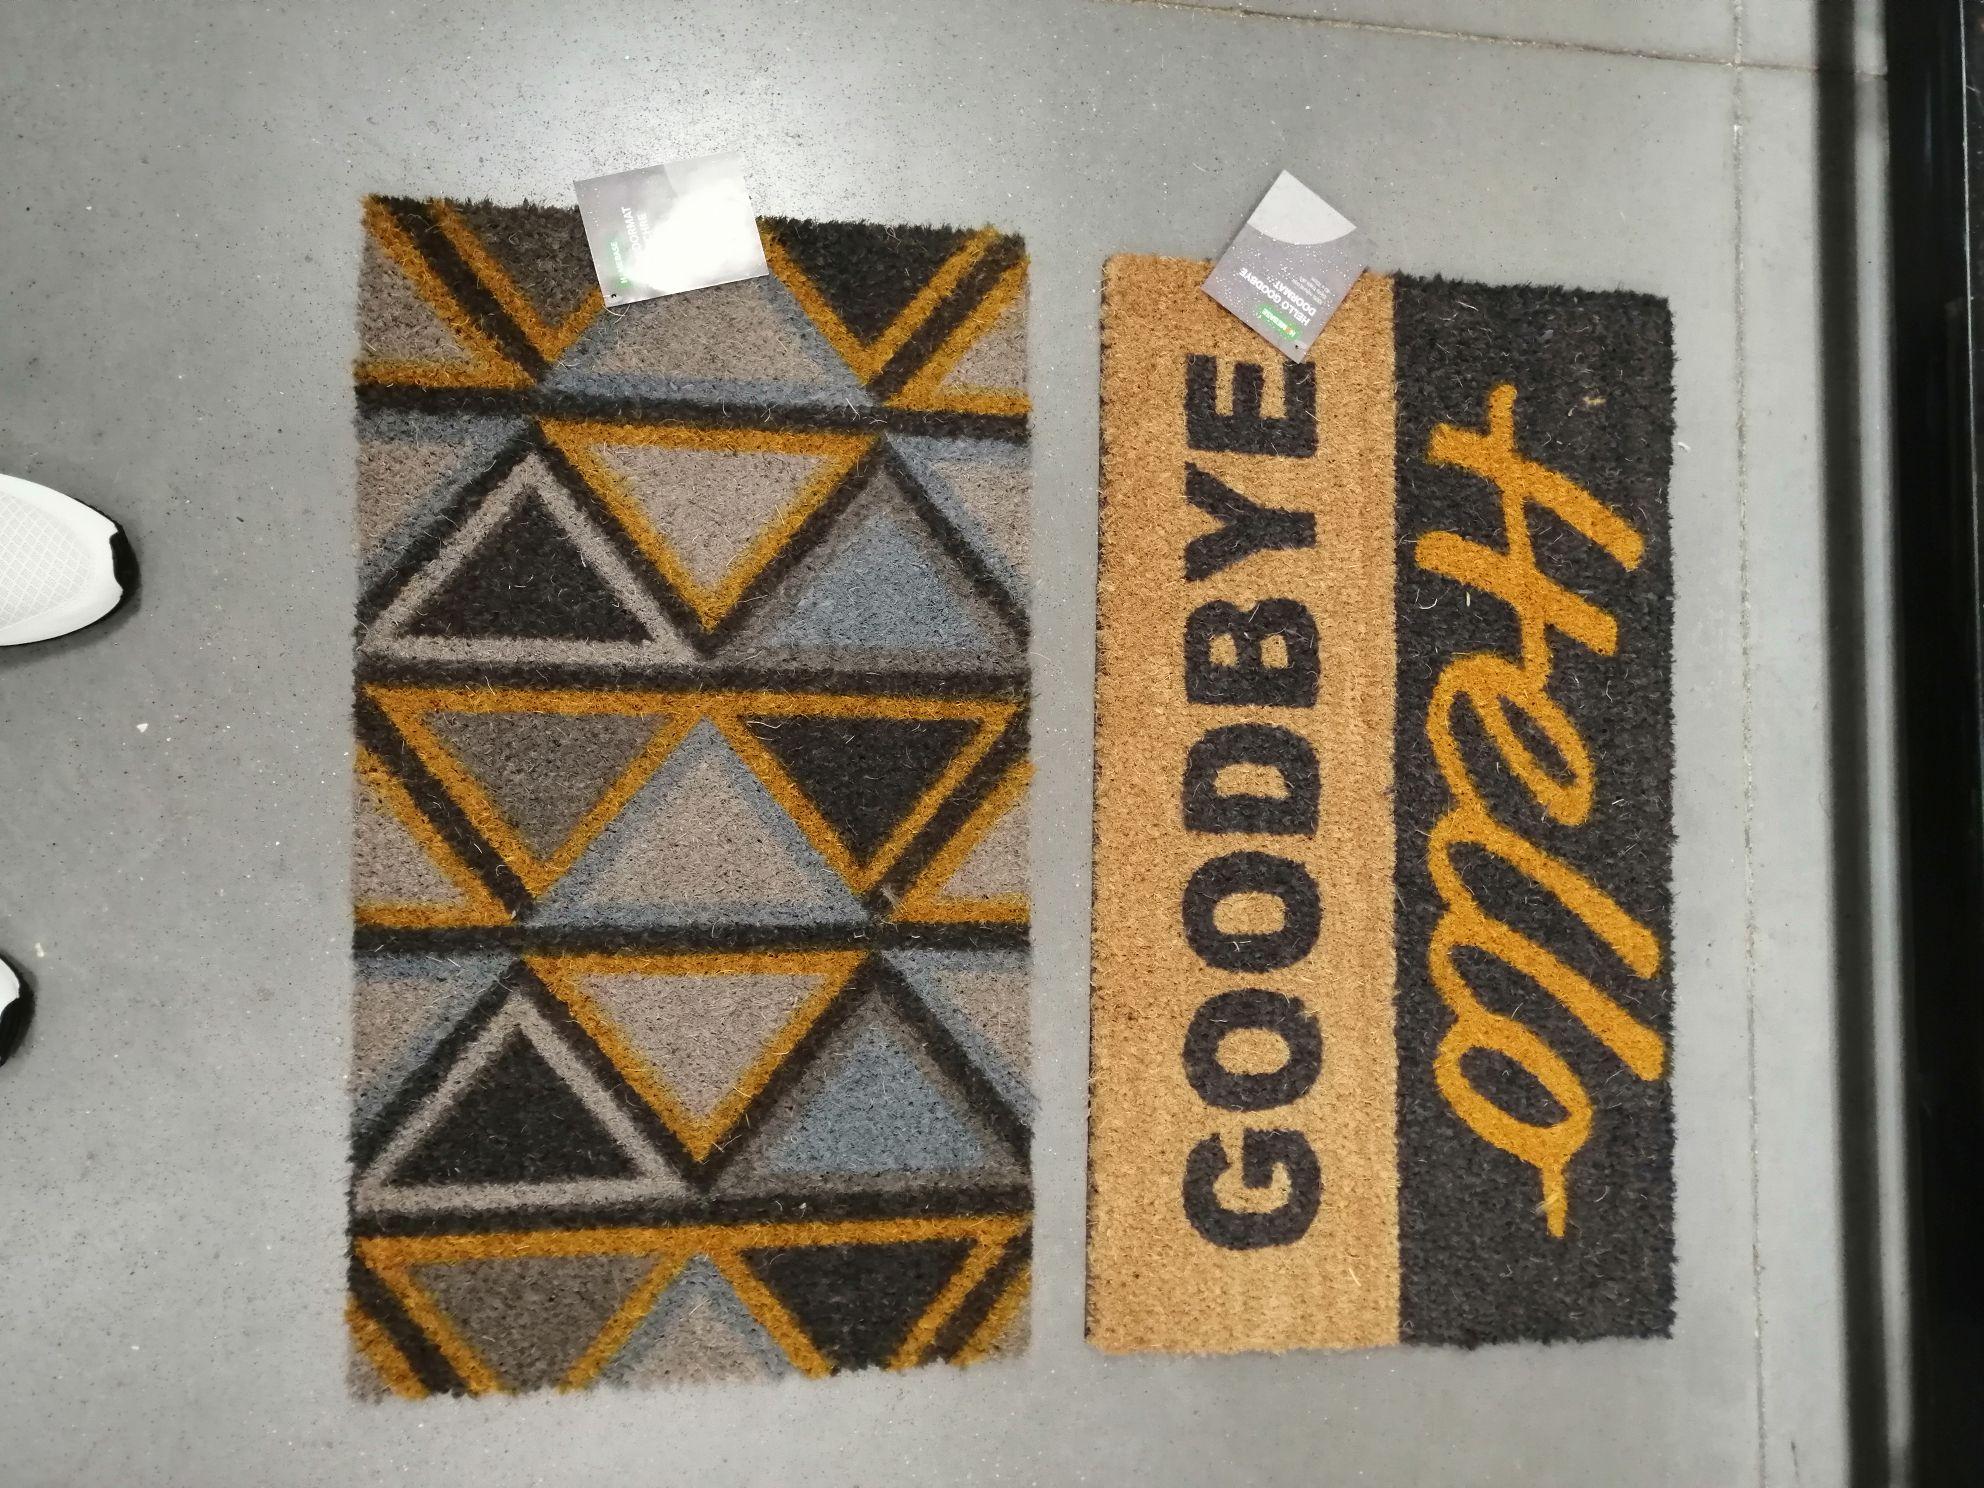 Door mats homebase lowestoft £3.00